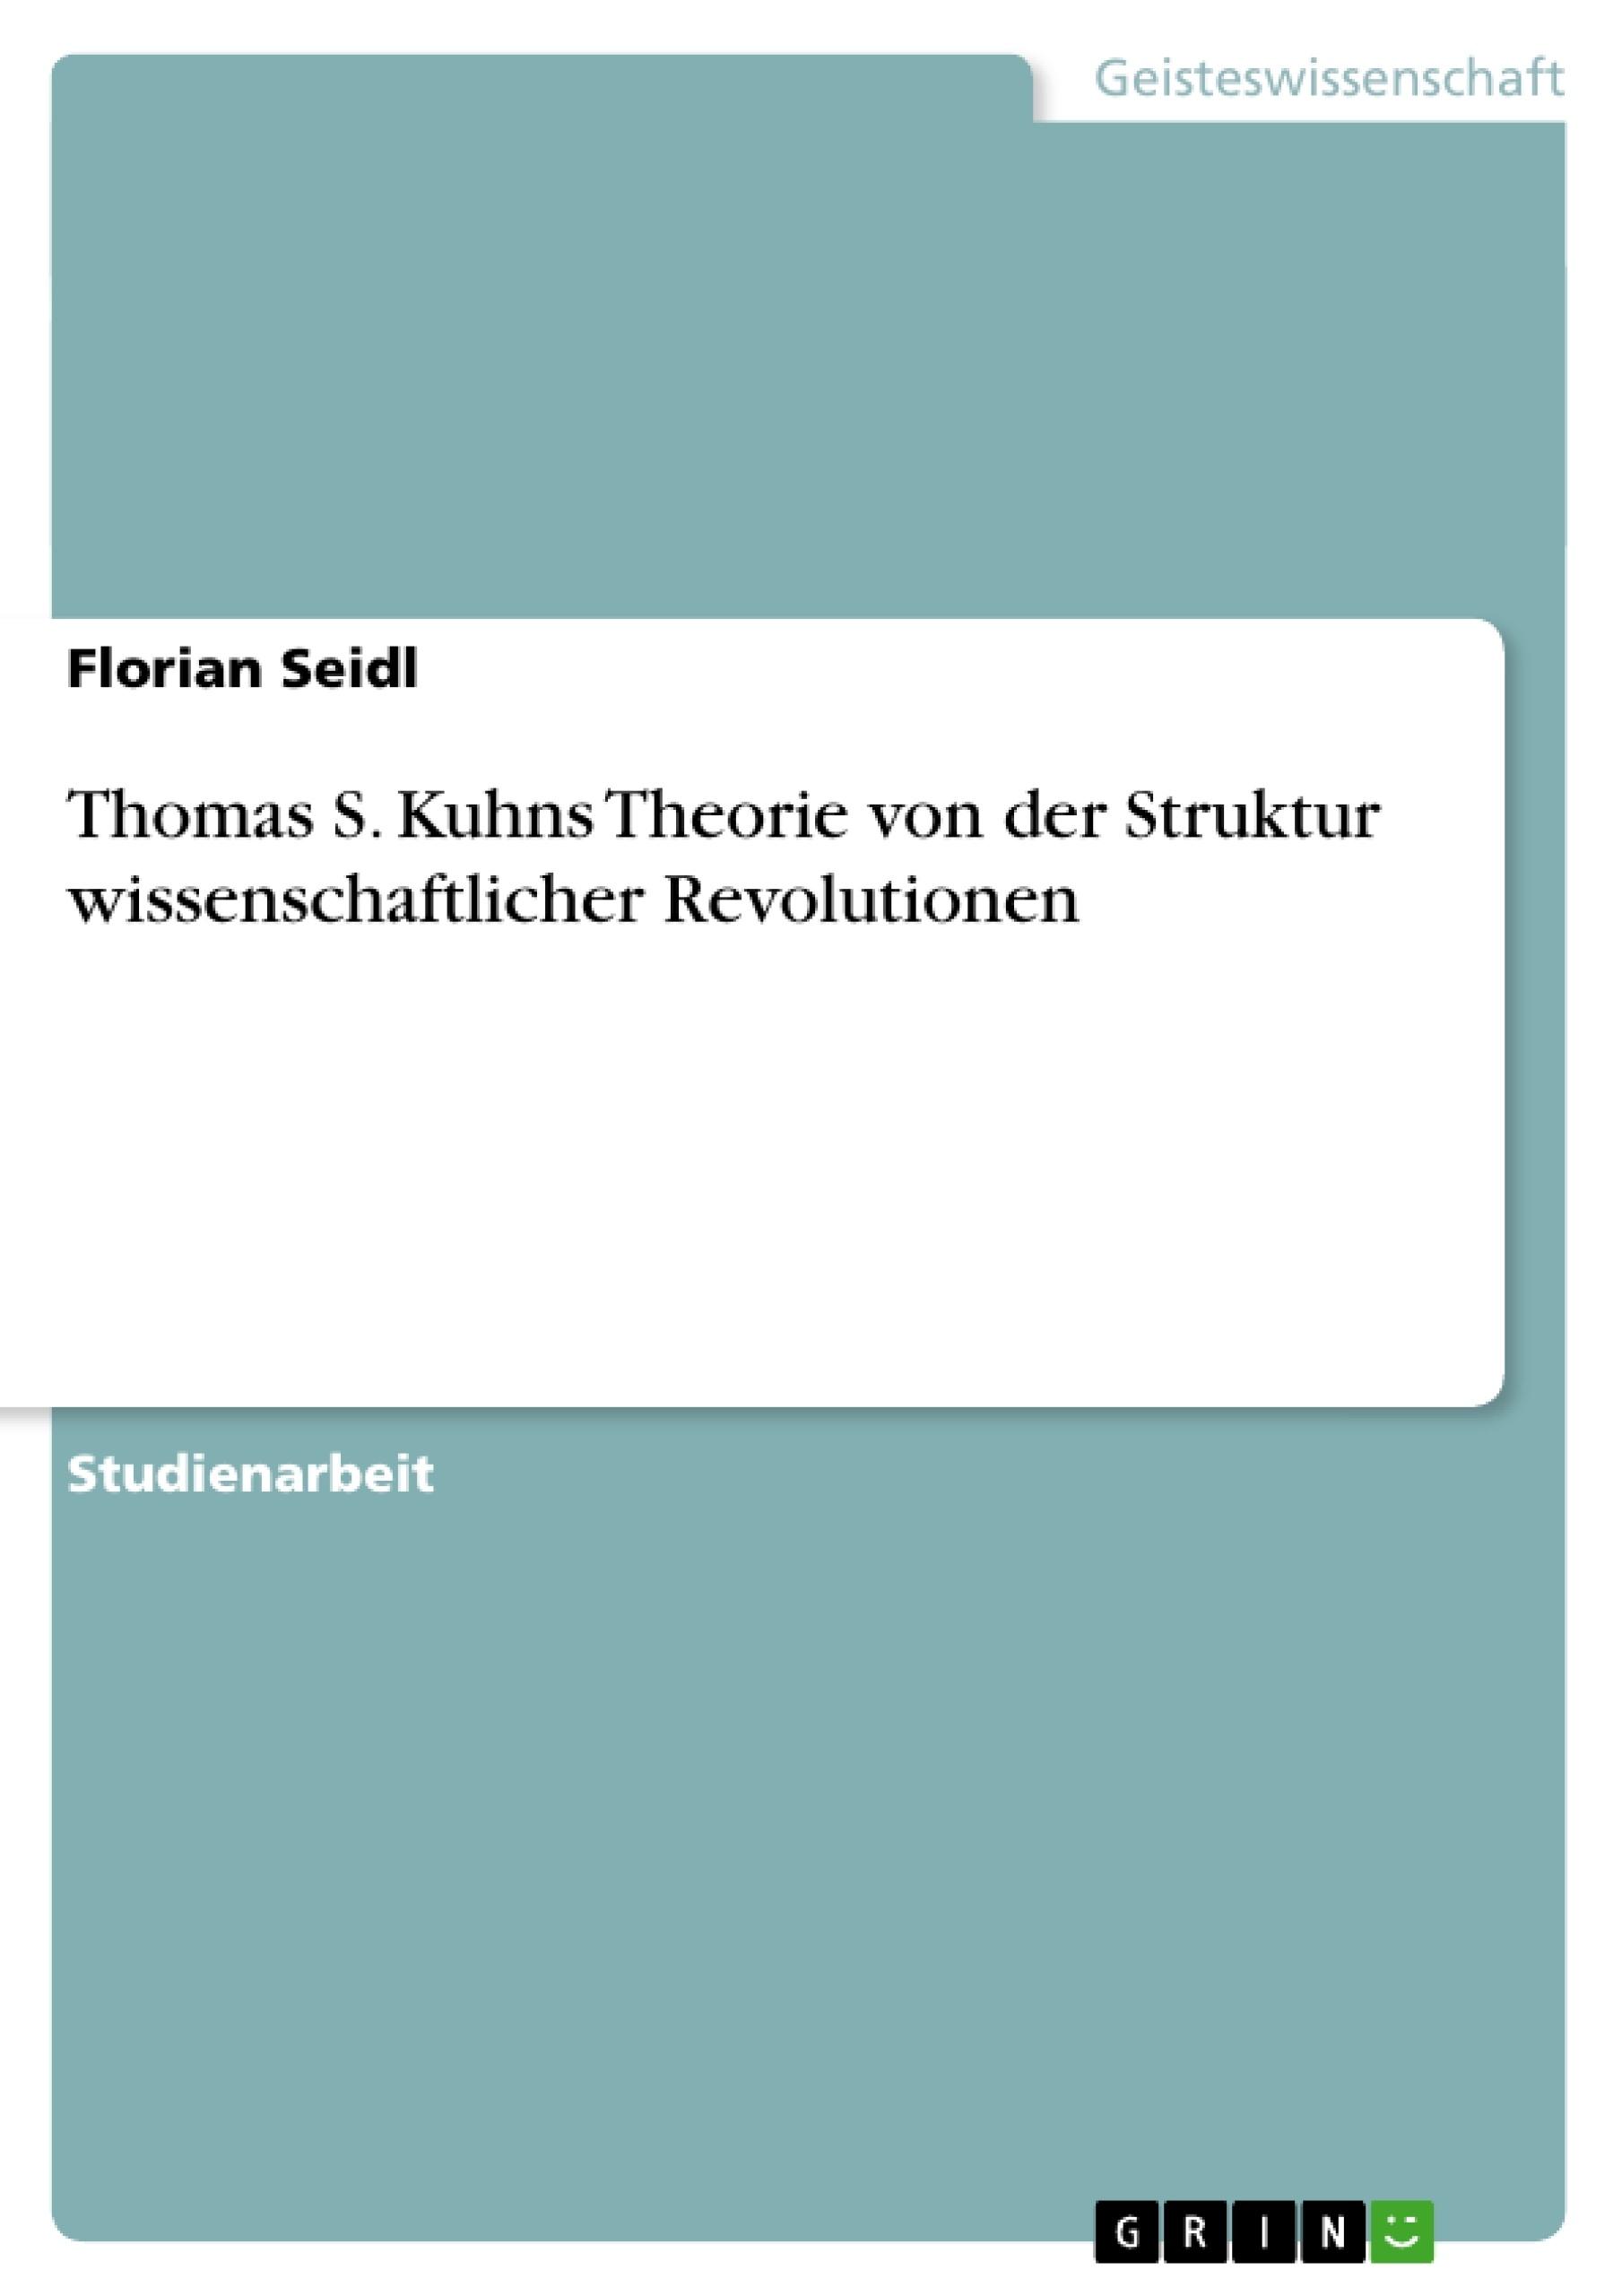 Titel: Thomas S. Kuhns Theorie von der Struktur wissenschaftlicher Revolutionen